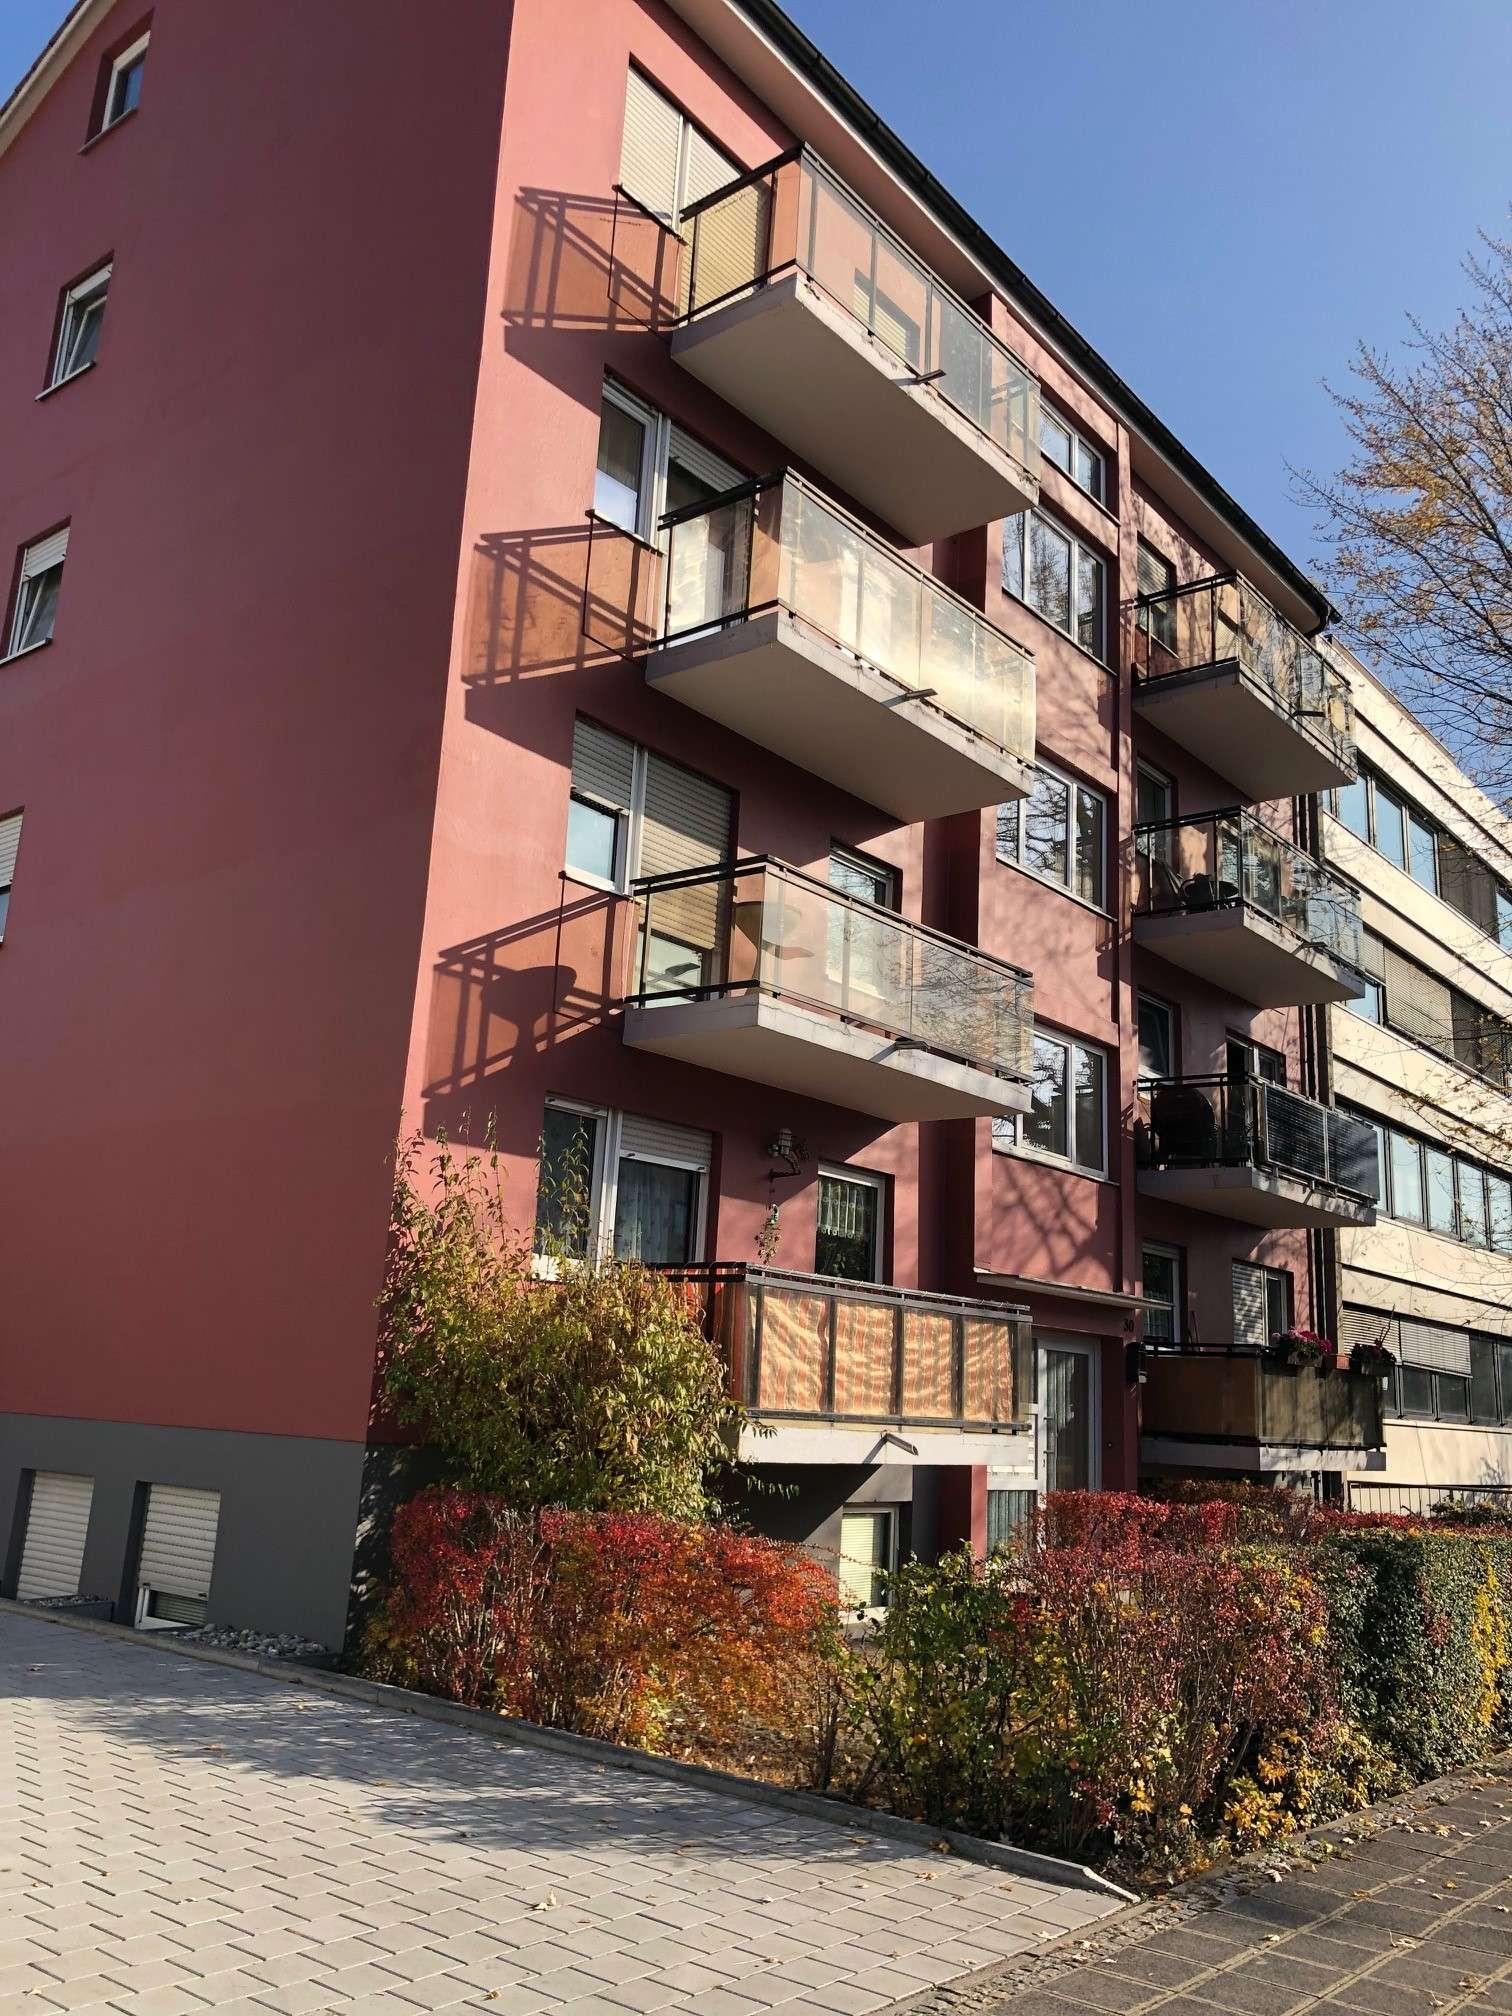 Stilvolle, vollständig renovierte 3-Zimmer-Wohnung mit Balkon und Einbauküche in Nürnberg